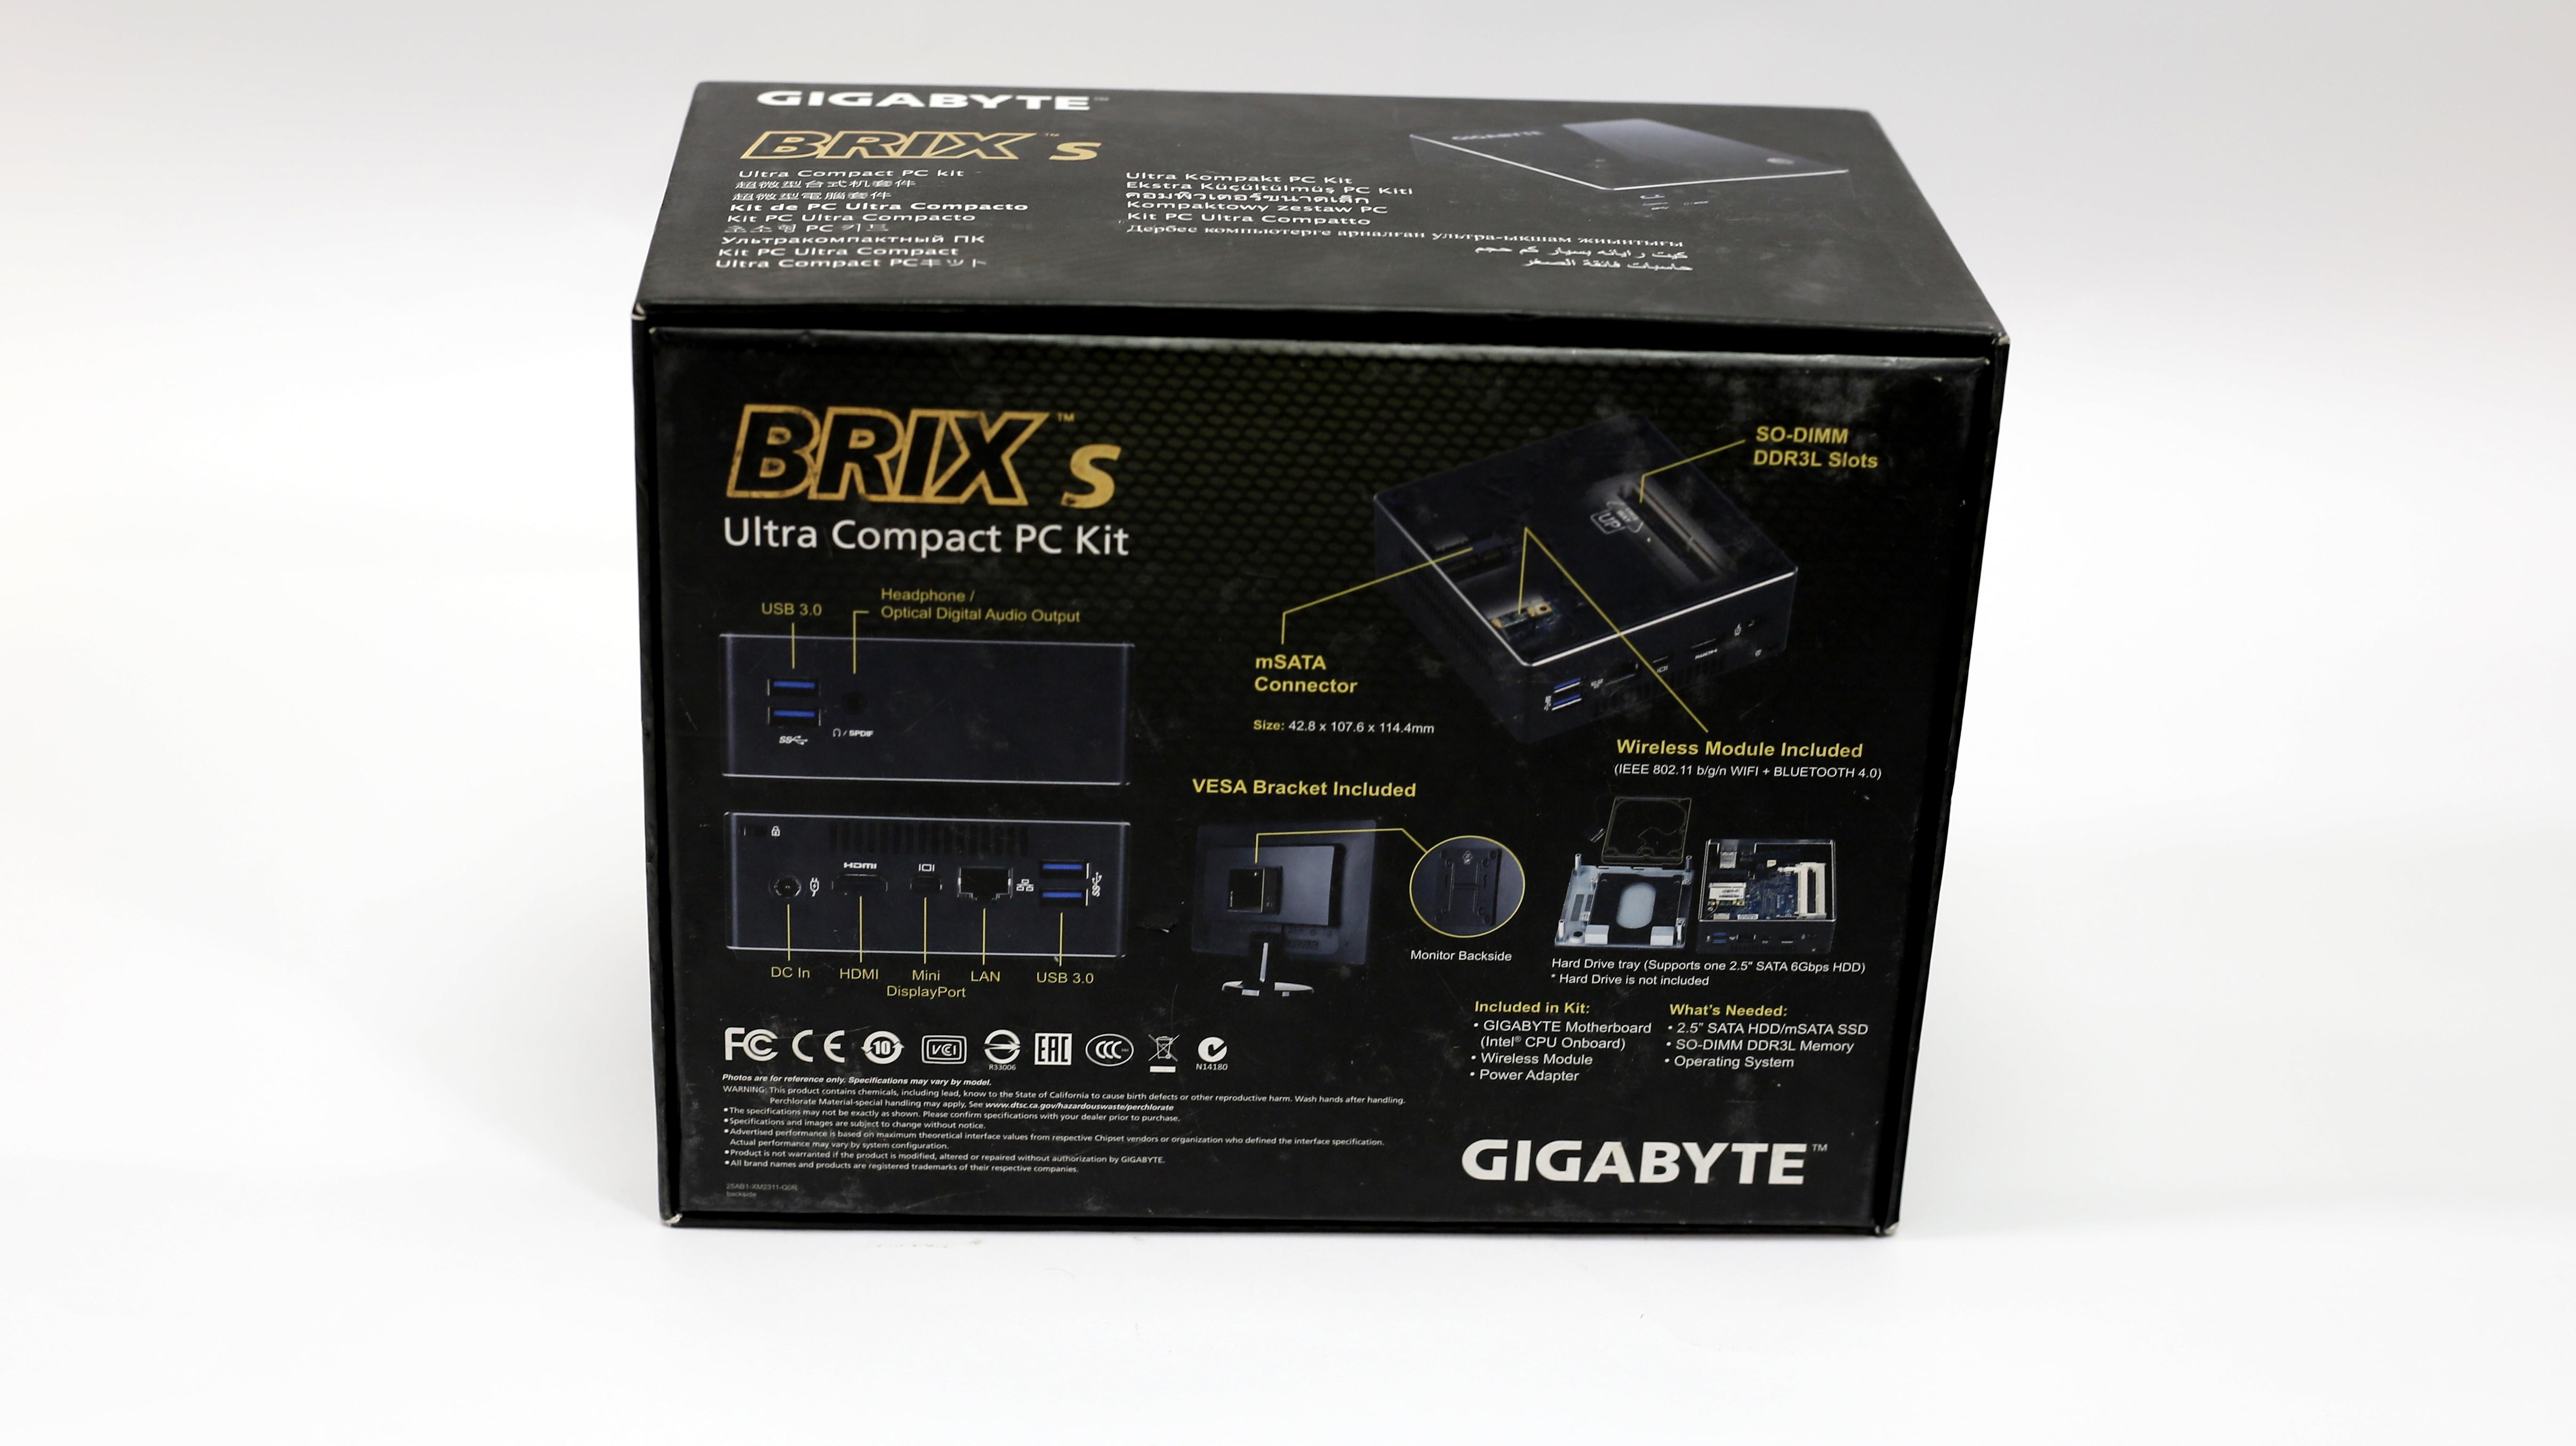 BRIX BXi3H-4010